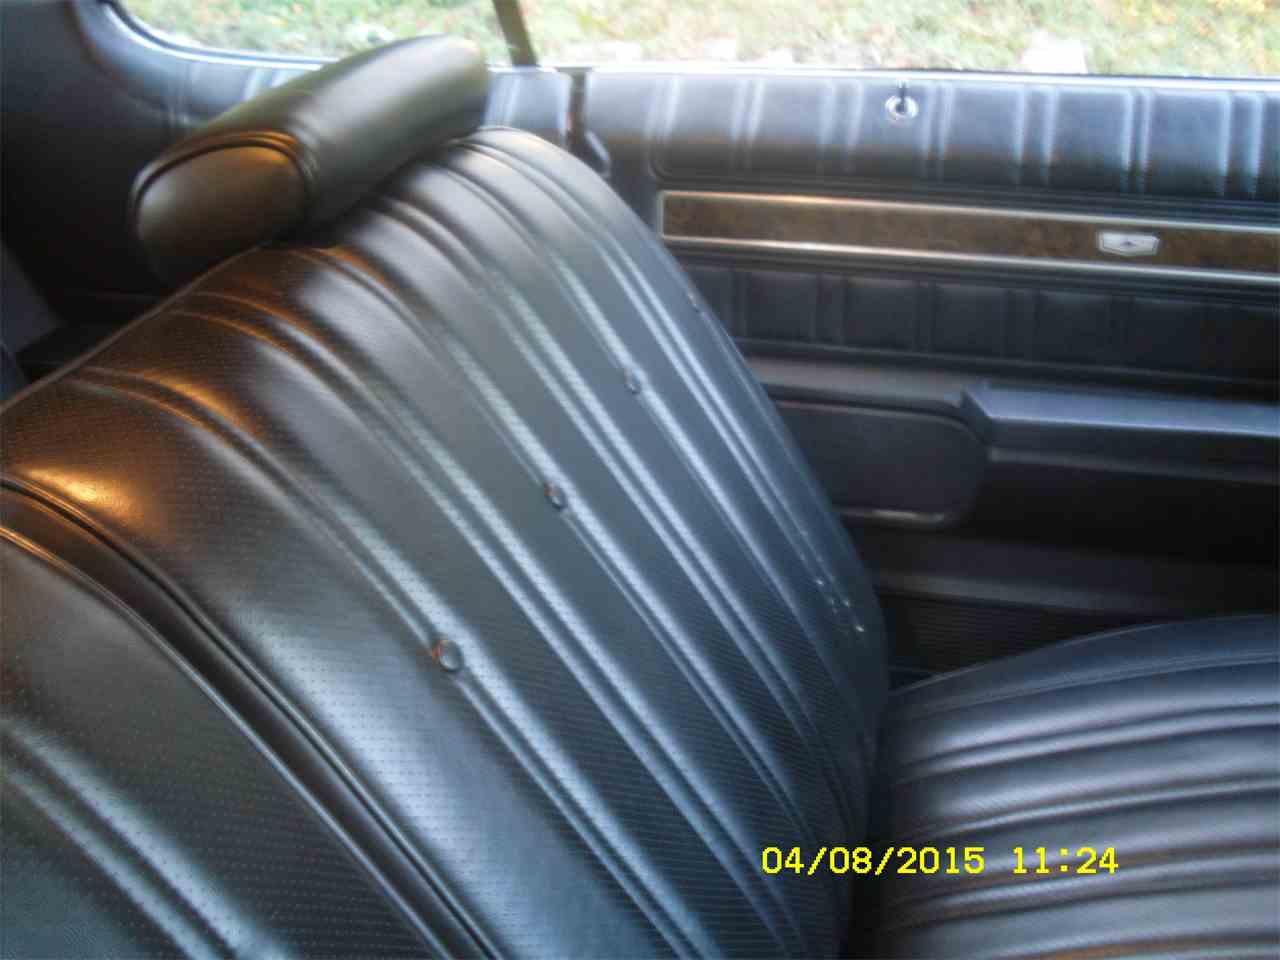 Large Picture of '73 Impala - $14,500.00 - JIZ7